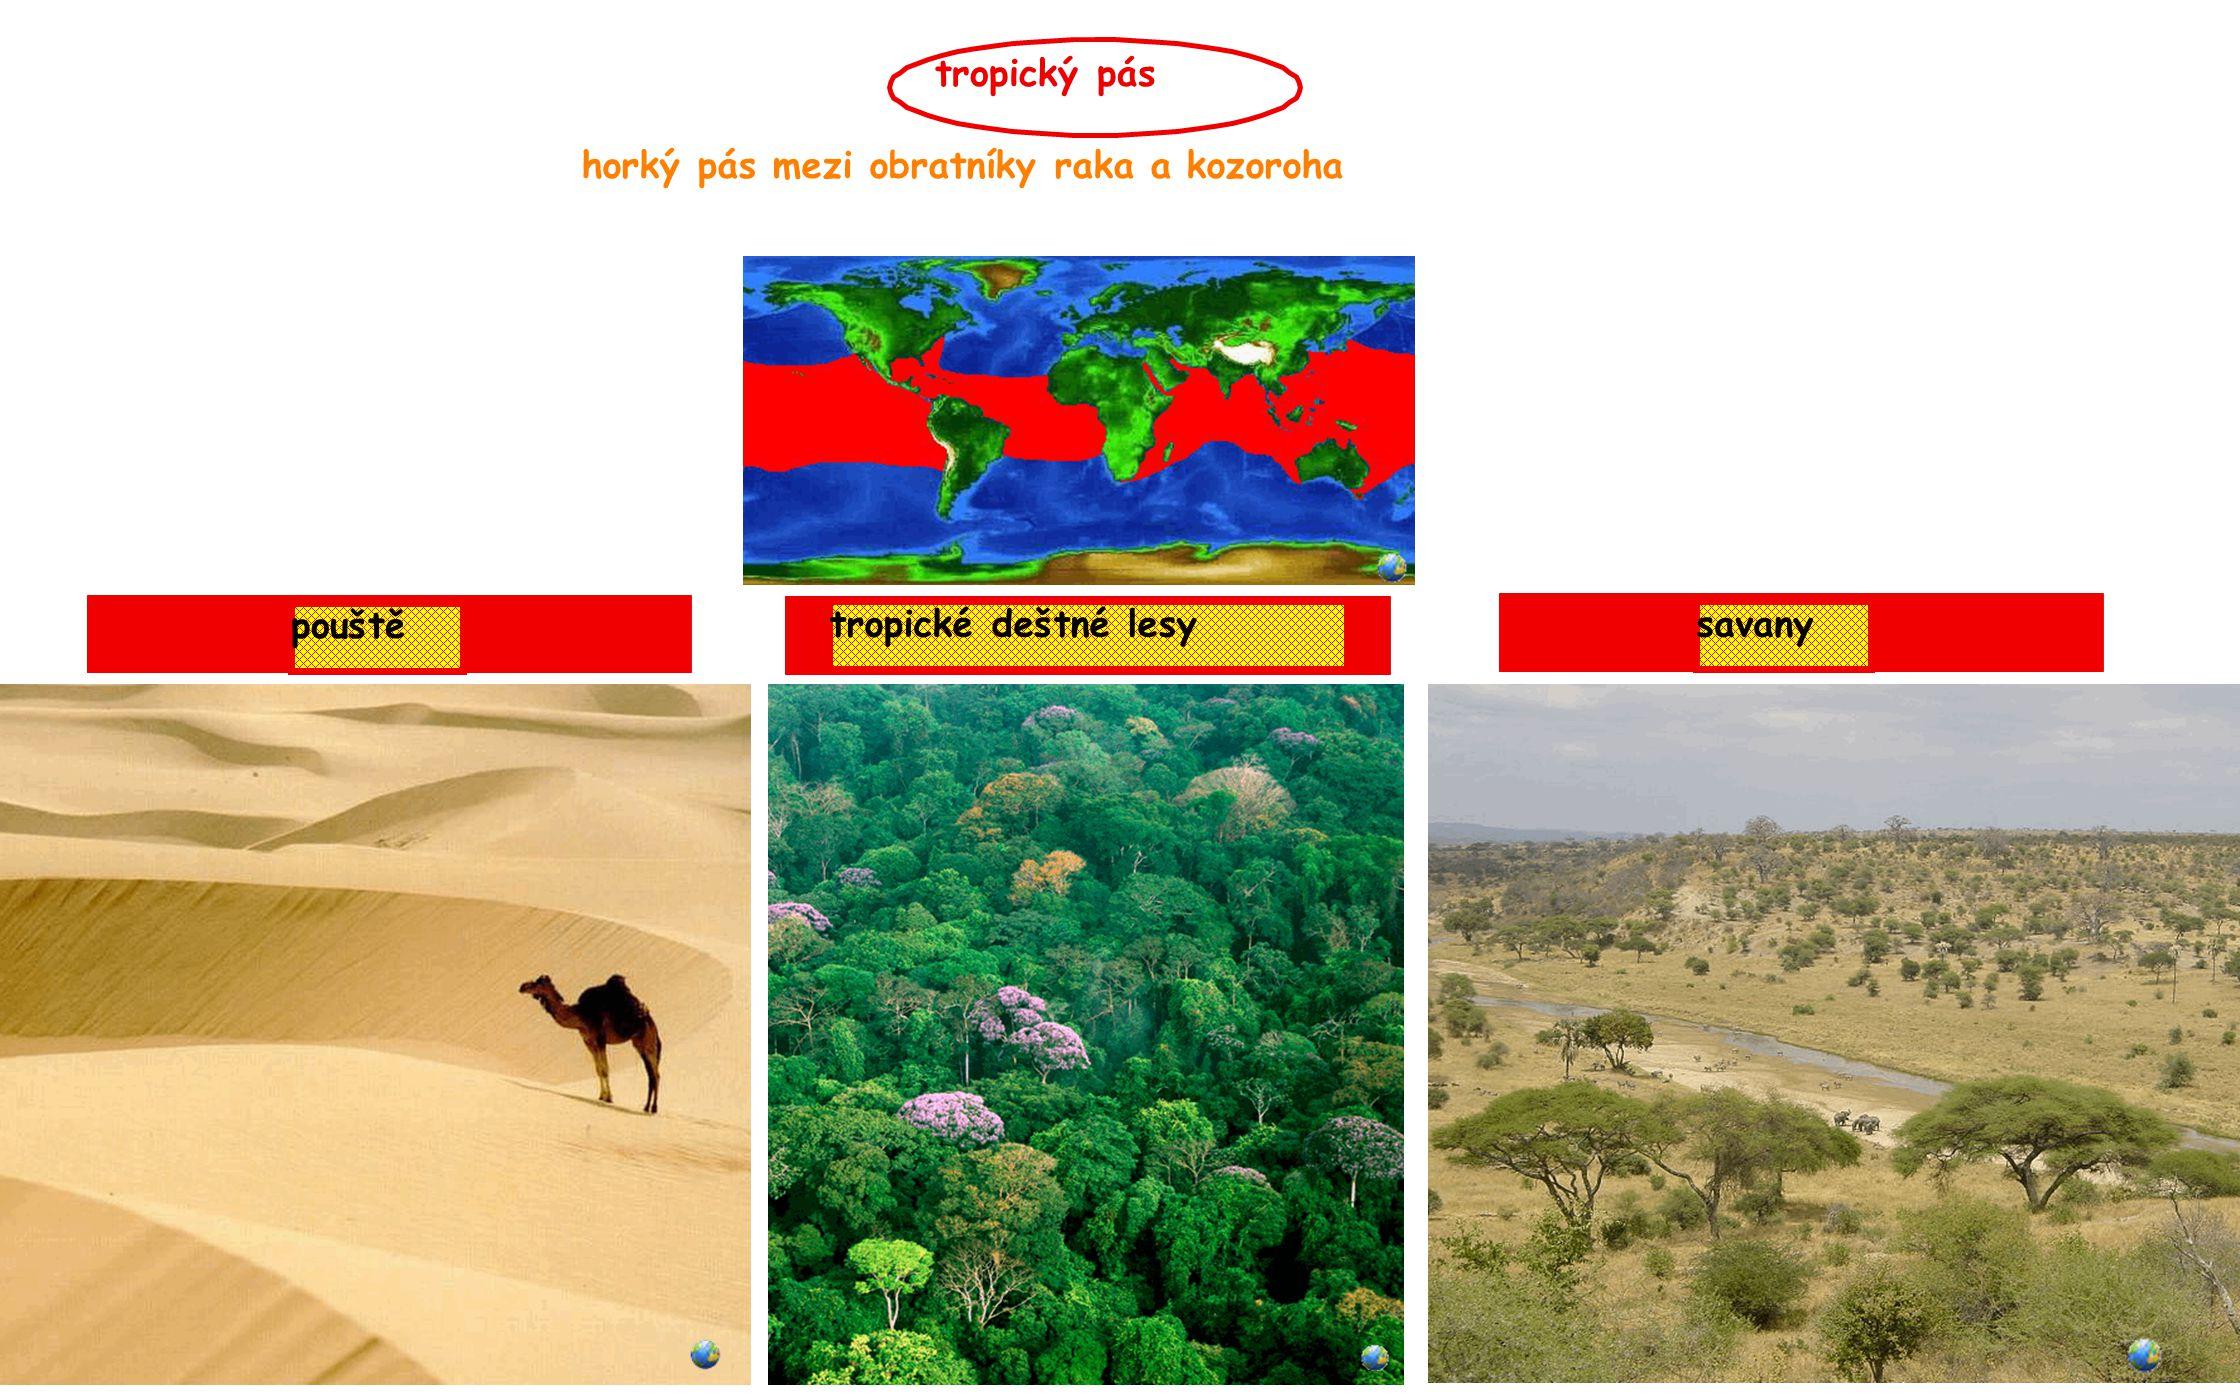 tropický pás tropické deštné lesysavany pouště horký pás mezi obratníky raka a kozoroha